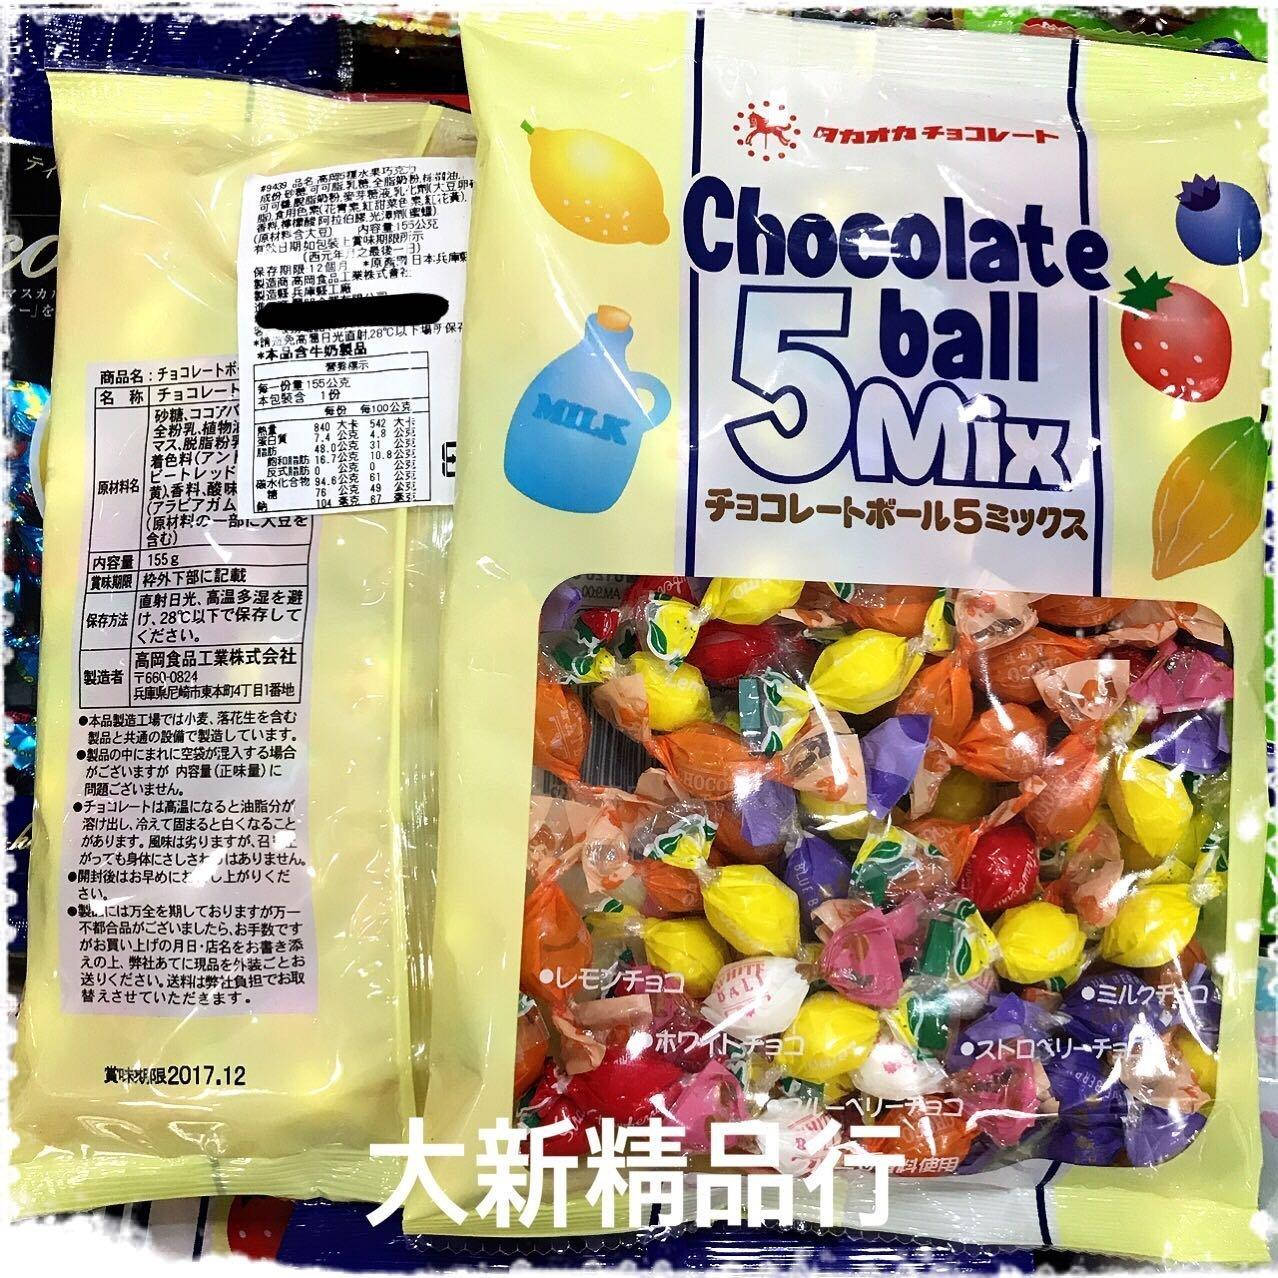 [三鳳中街] 日本原裝進口 高岡巧克力球 Chocolate ball 5Mix   水果口味